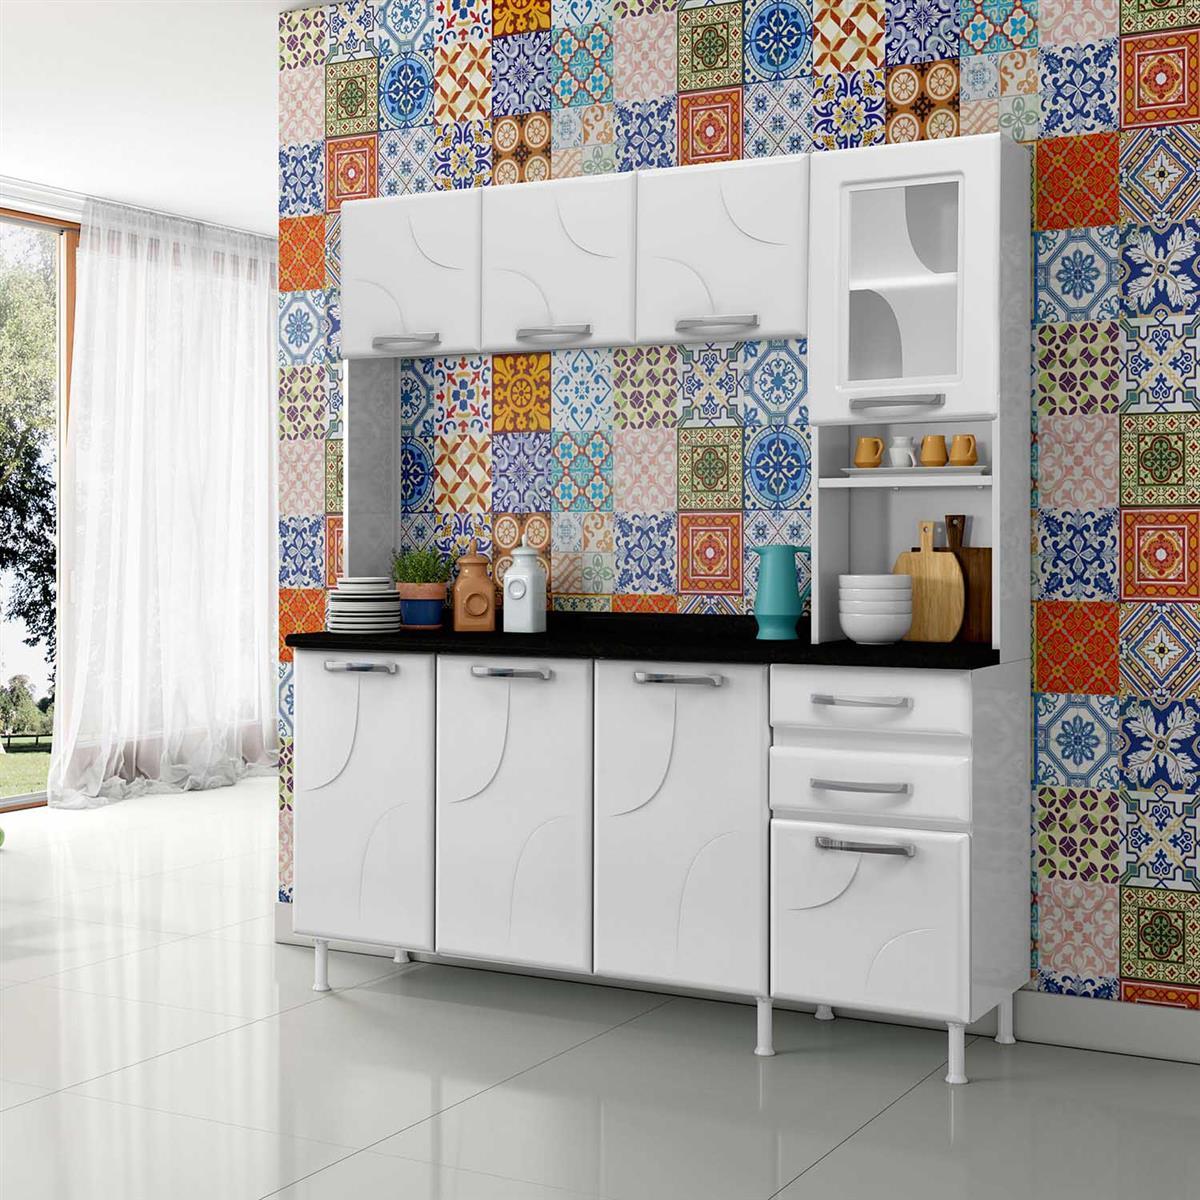 Cozinha Compacta Com Tampo 3 Gavetas E 7 Portas Safira Branca